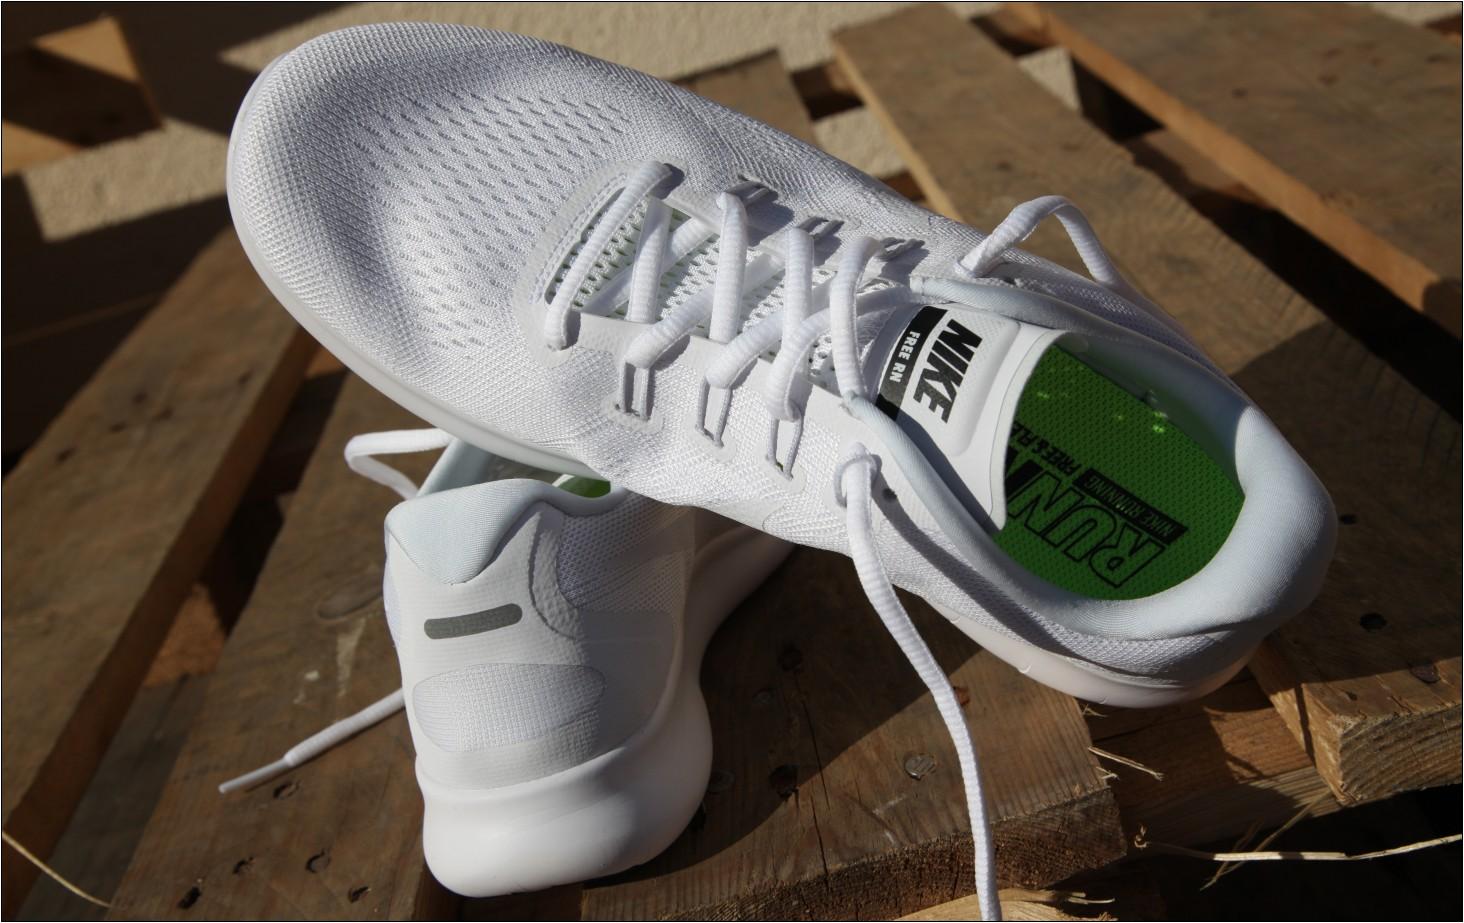 Testbericht: Dominic hat den neuen 'Nike Free RN 2017' unter